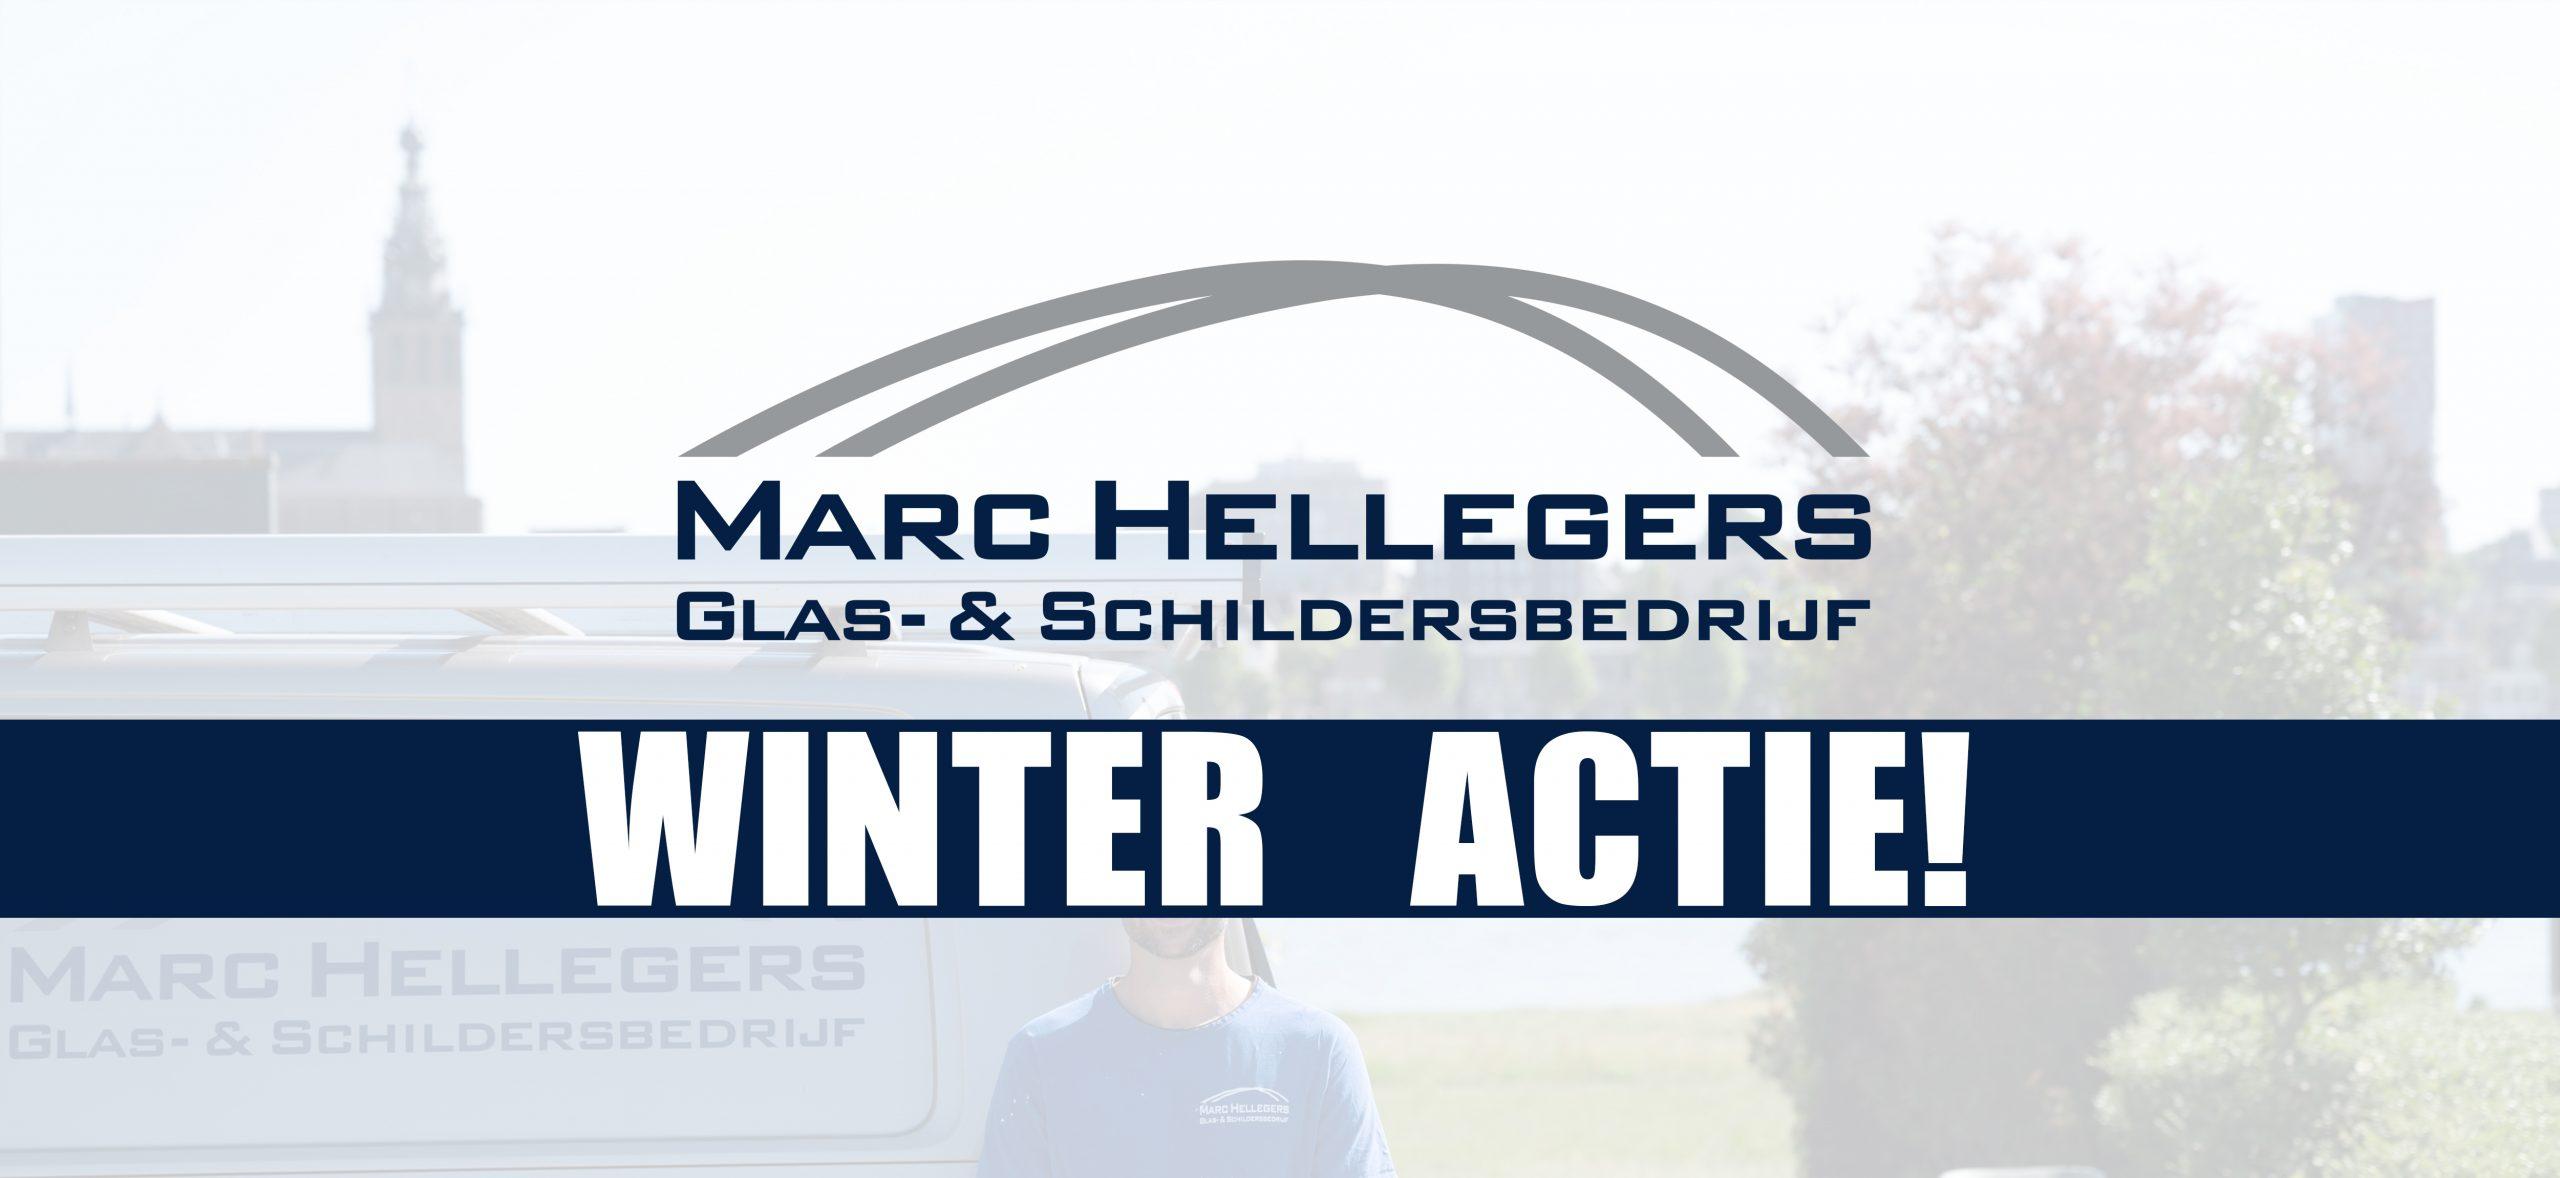 Glas- & Schildersbedrijf Marc Hellegers heeft een speciale winterschilder actie